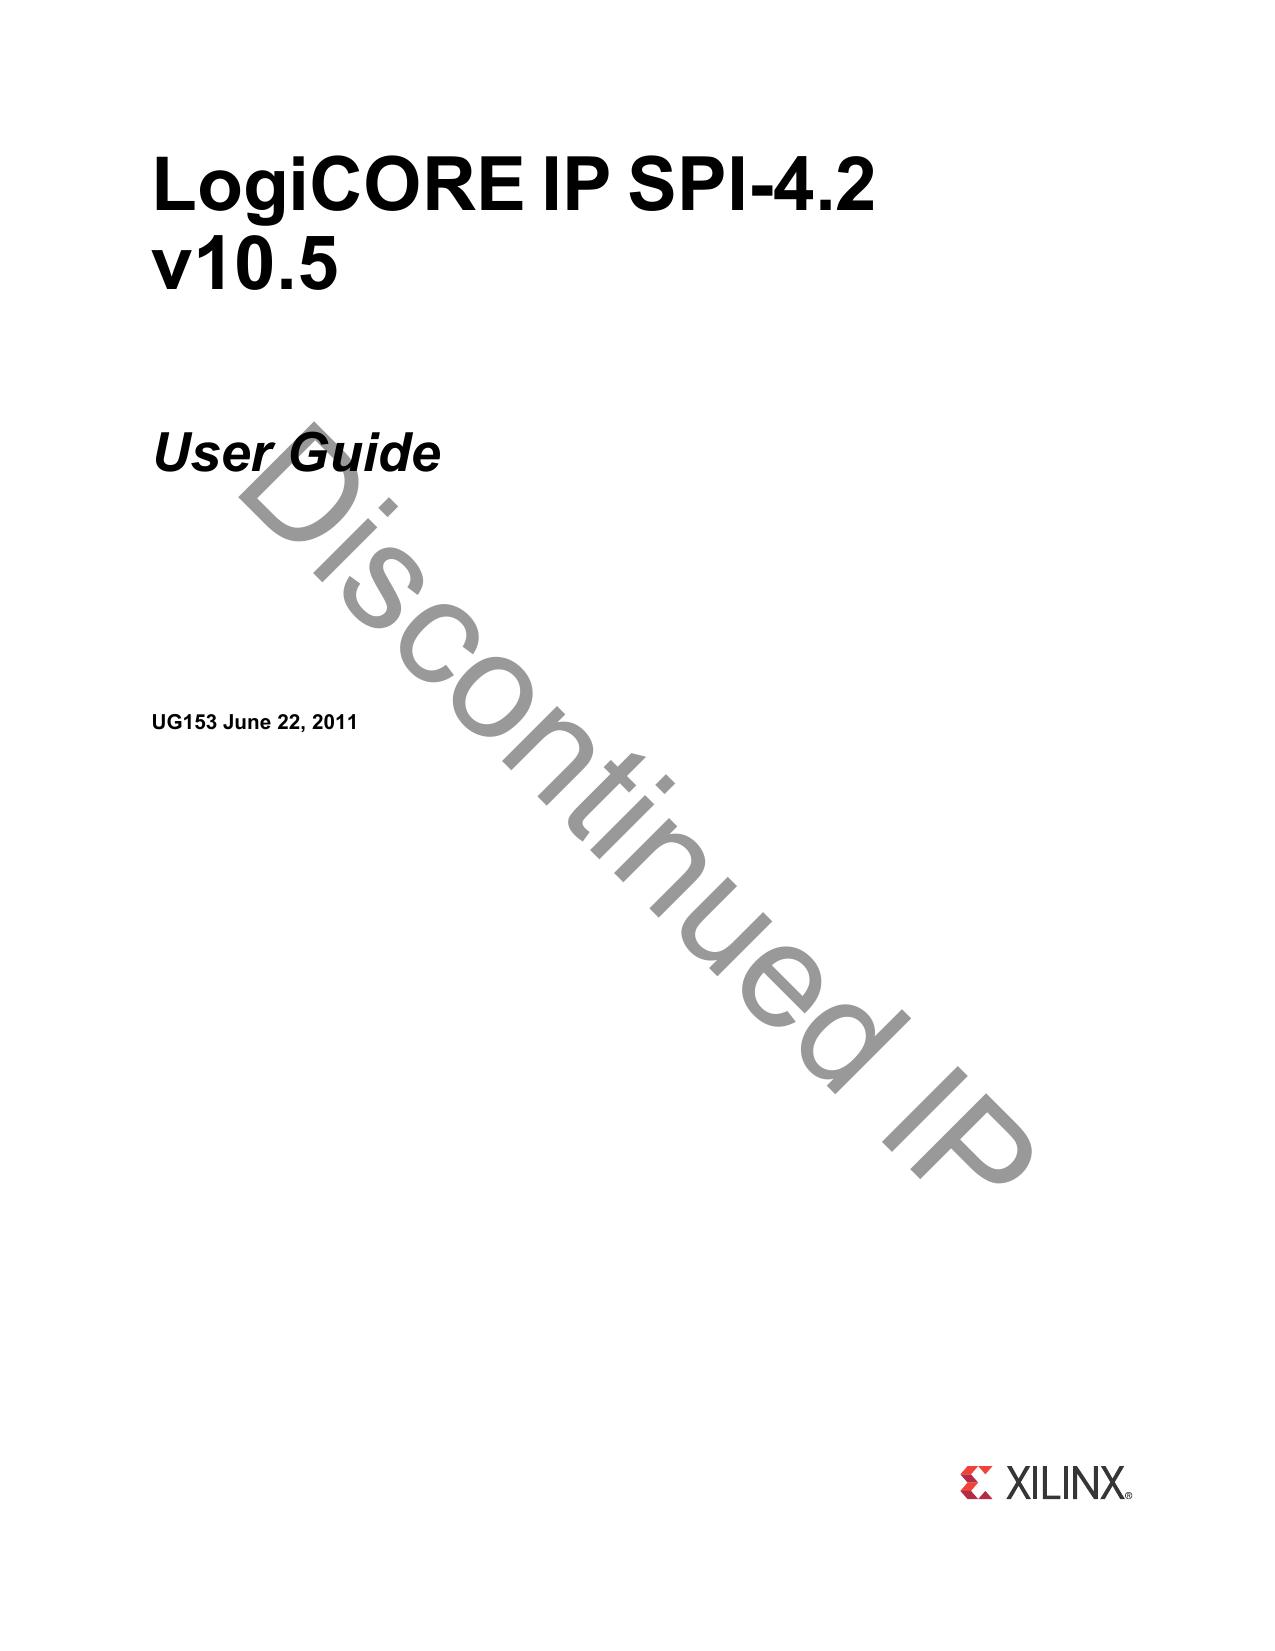 Xilinx UG153 LogiCORE IP SPI | manualzz com